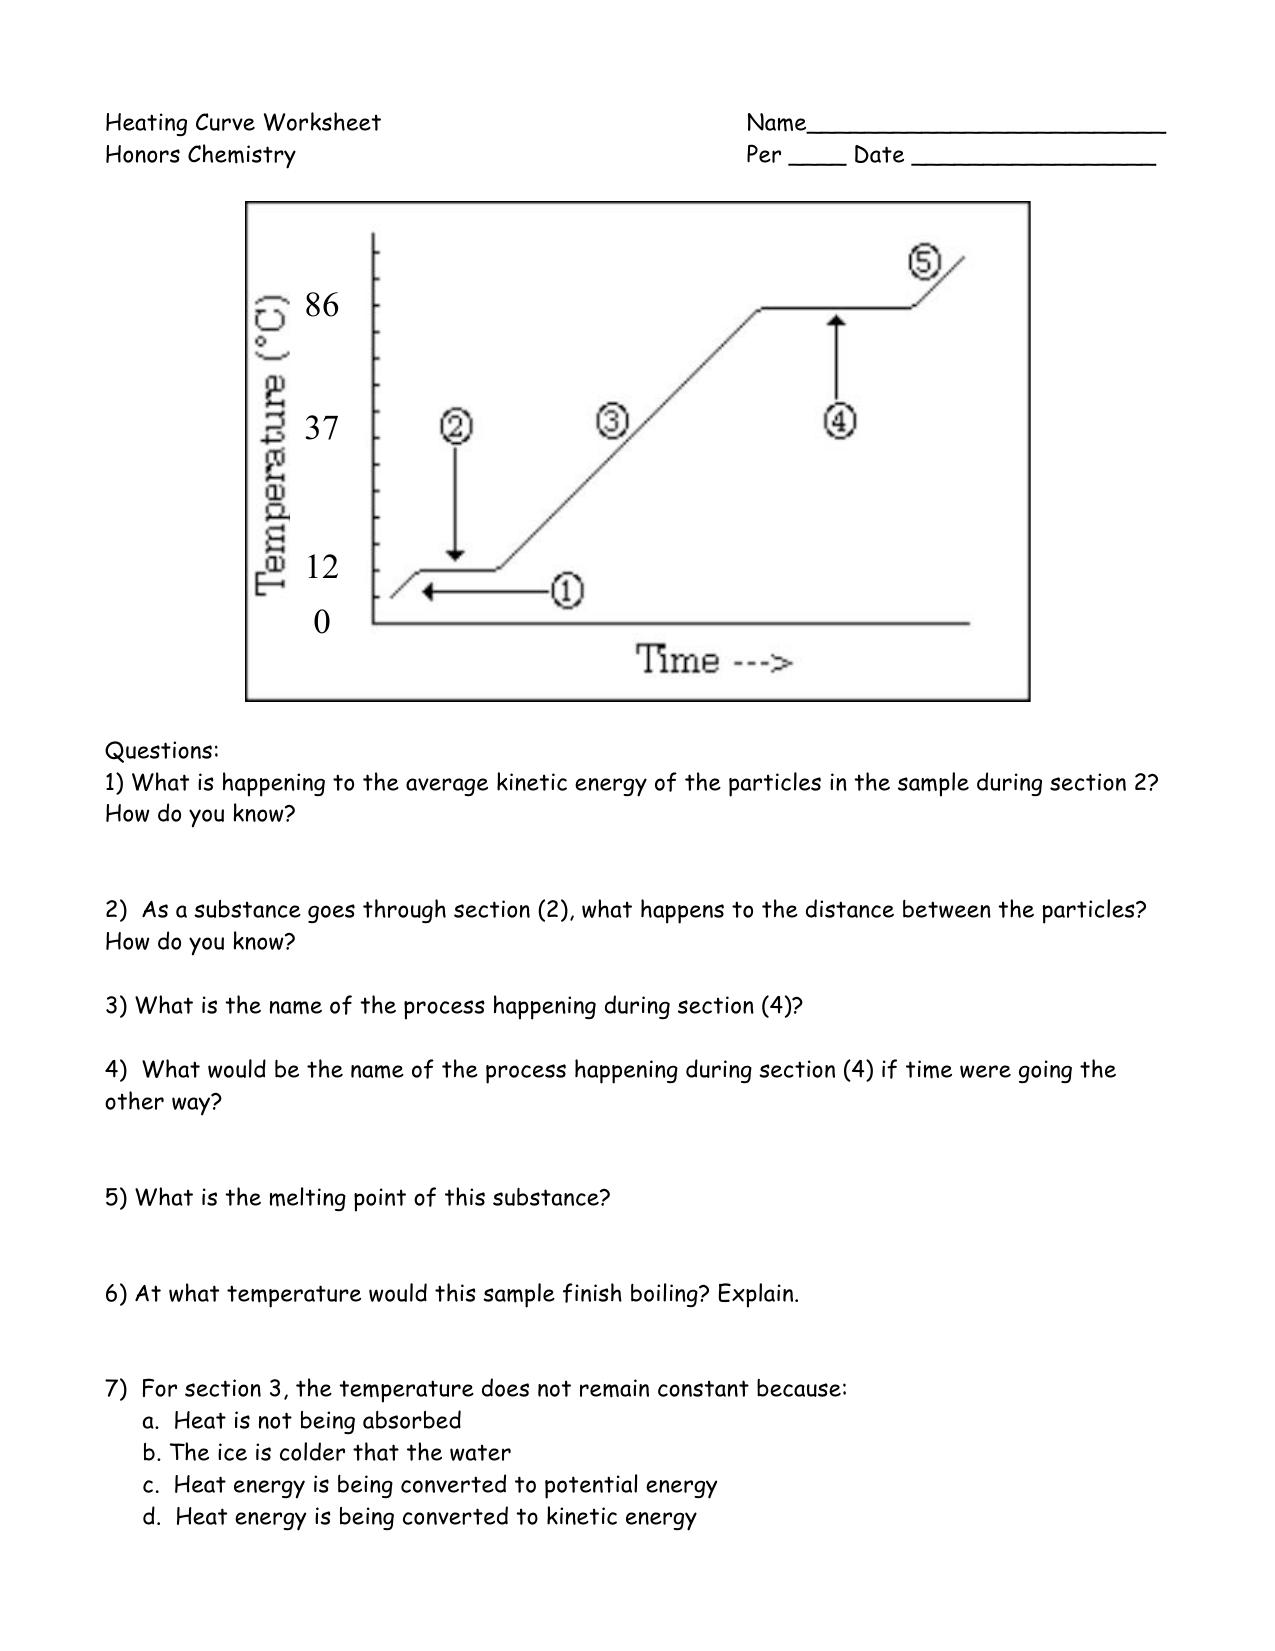 Heating Curve Worksheet 1